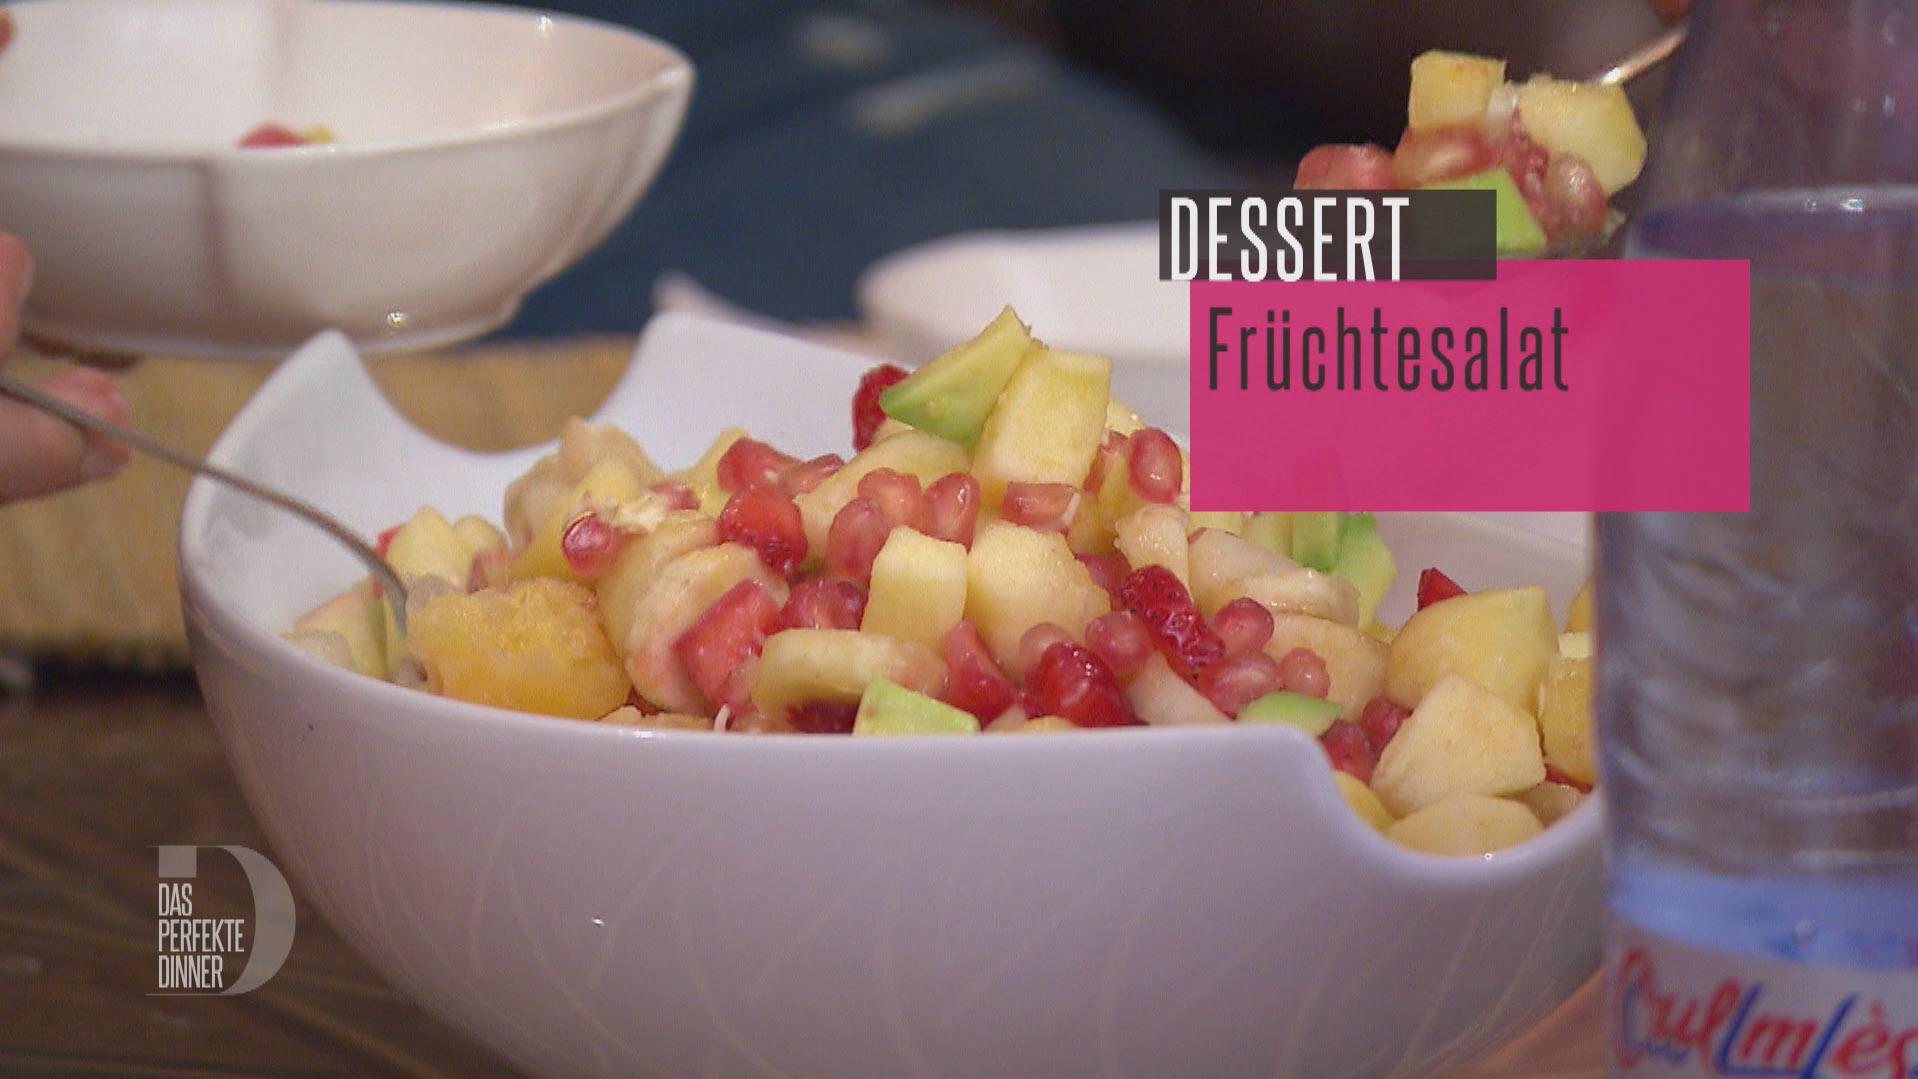 Das Perfekte Dinner Zu Gast In Marrakesch